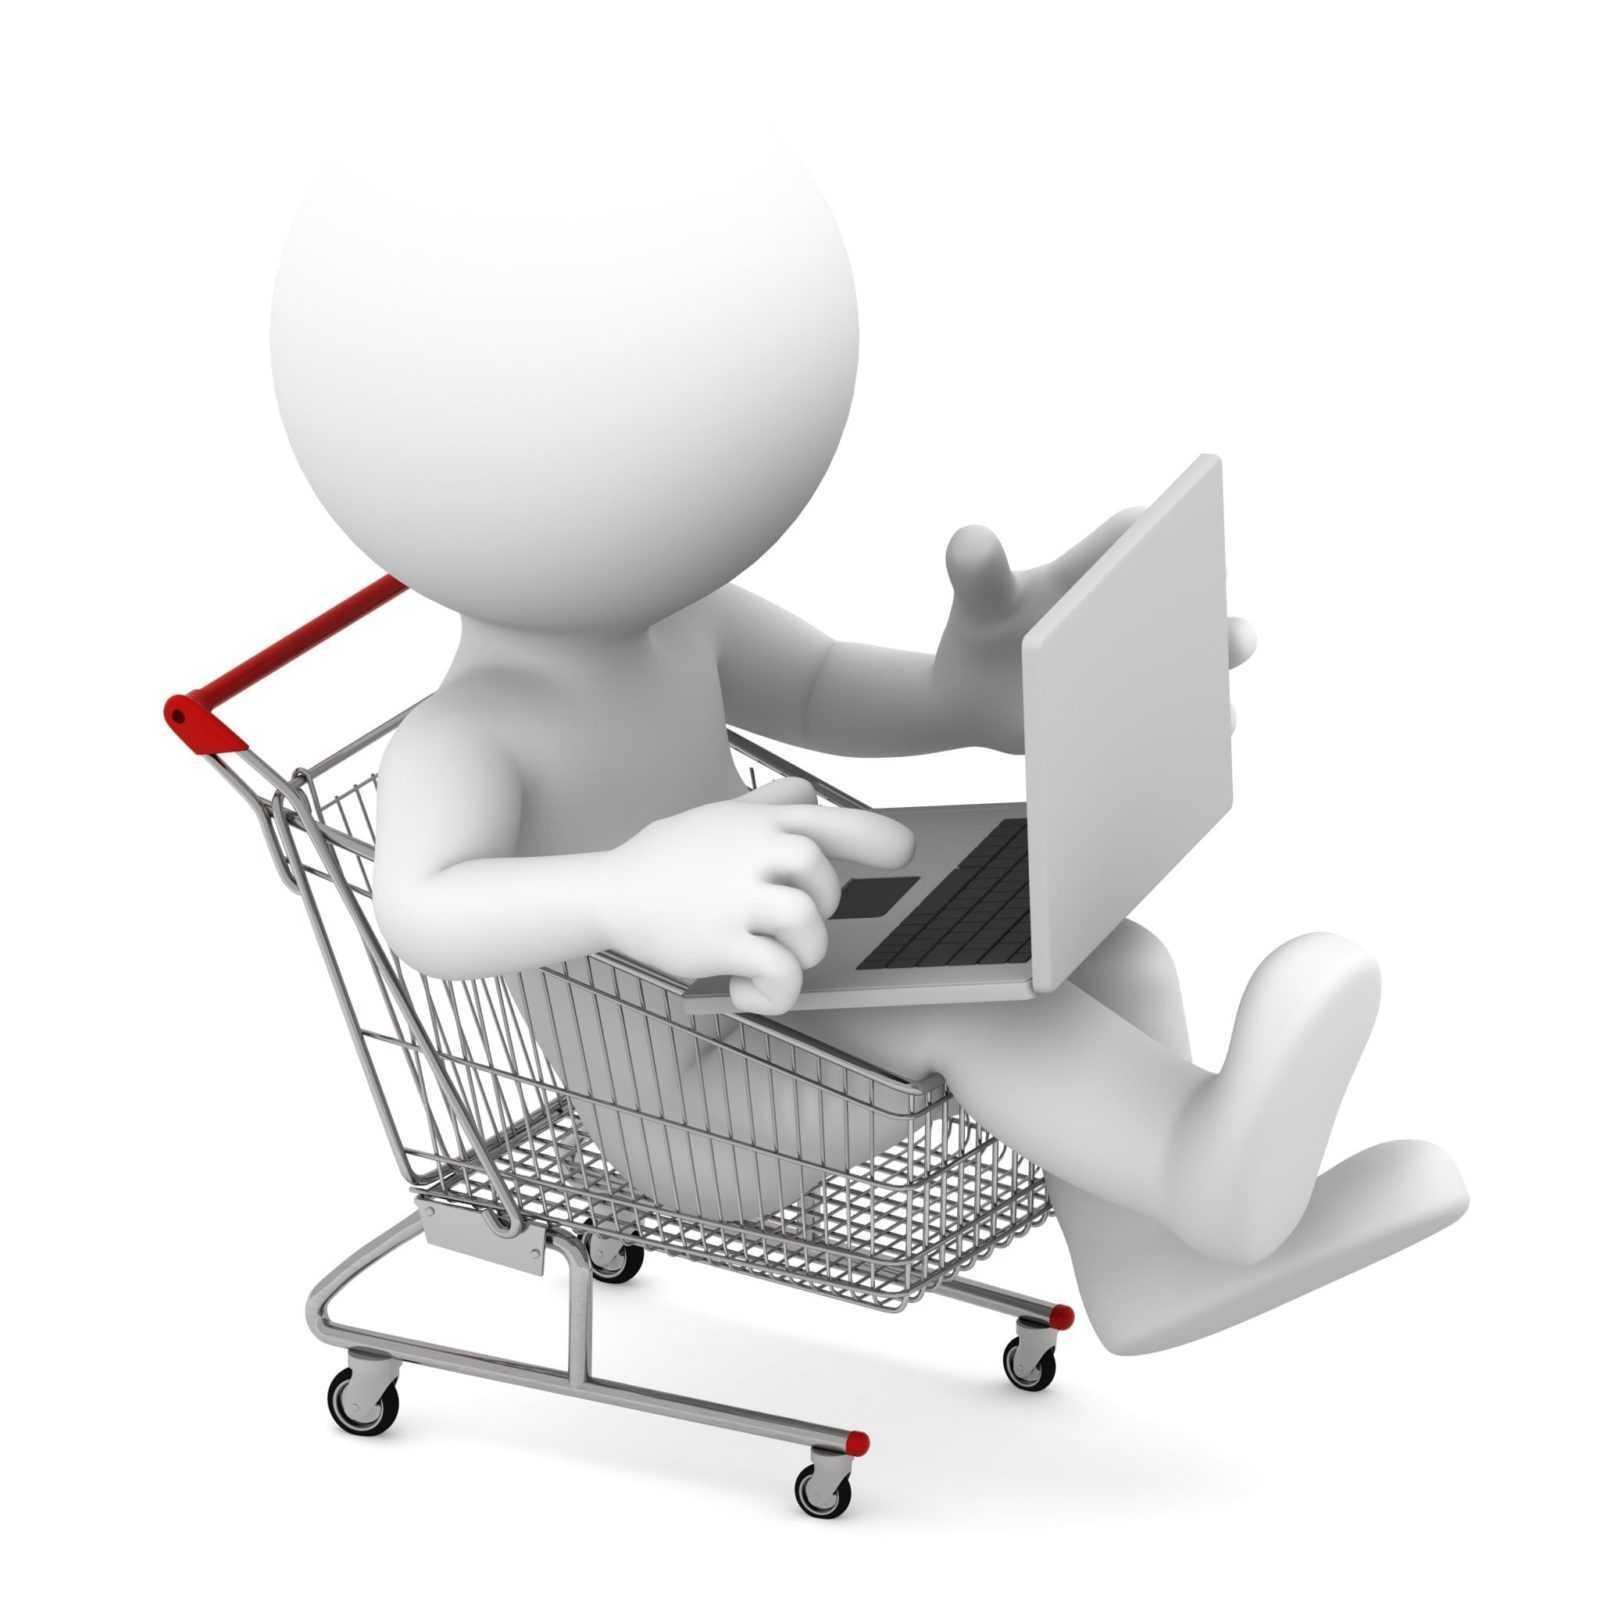 Enllaços per afegir productes a WooCommerce